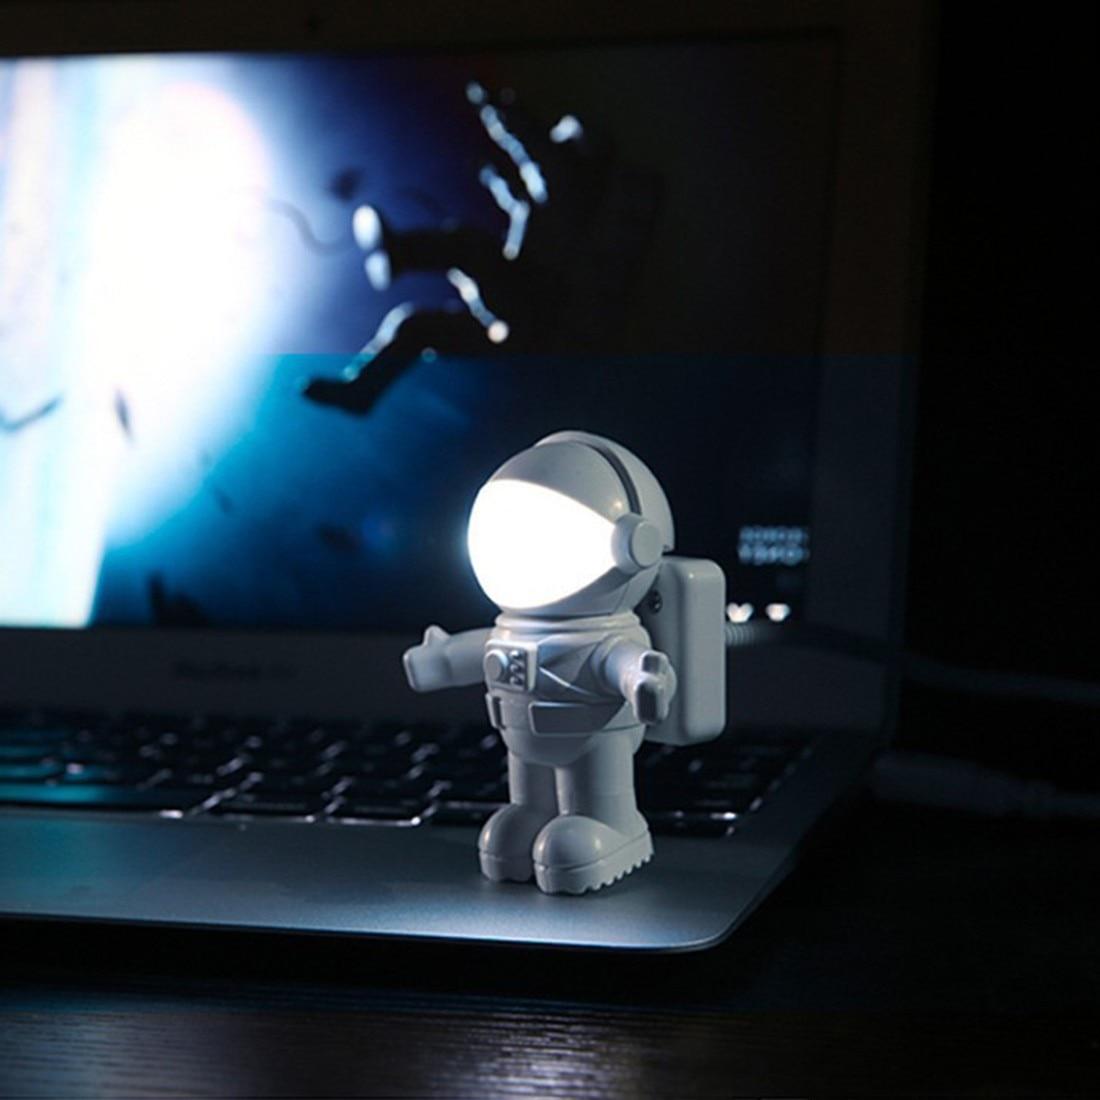 Luz de noche ajustable LED USB para ordenador PC lámpara de escritorio blanco puro nuevo estilo fresco nuevo astronauta hombre del espacio